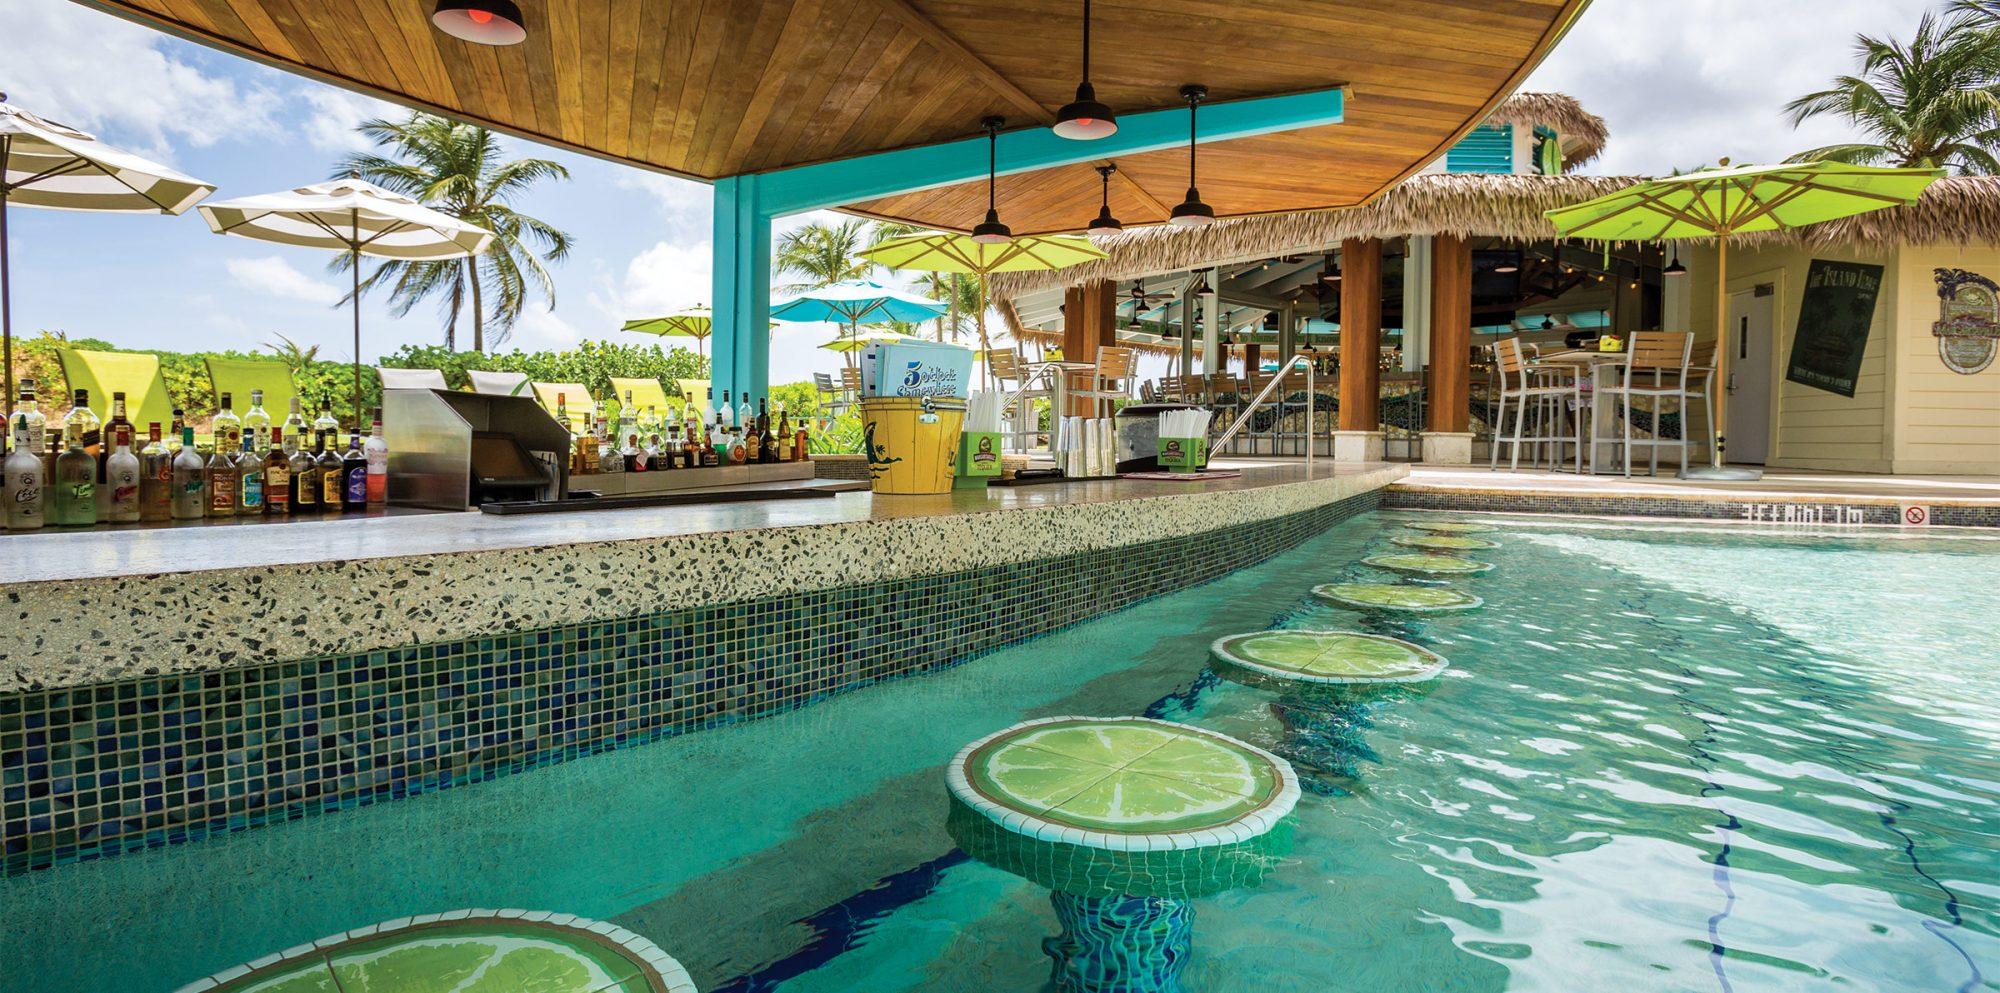 Wyndham Grand Rio Mar Margaritaville